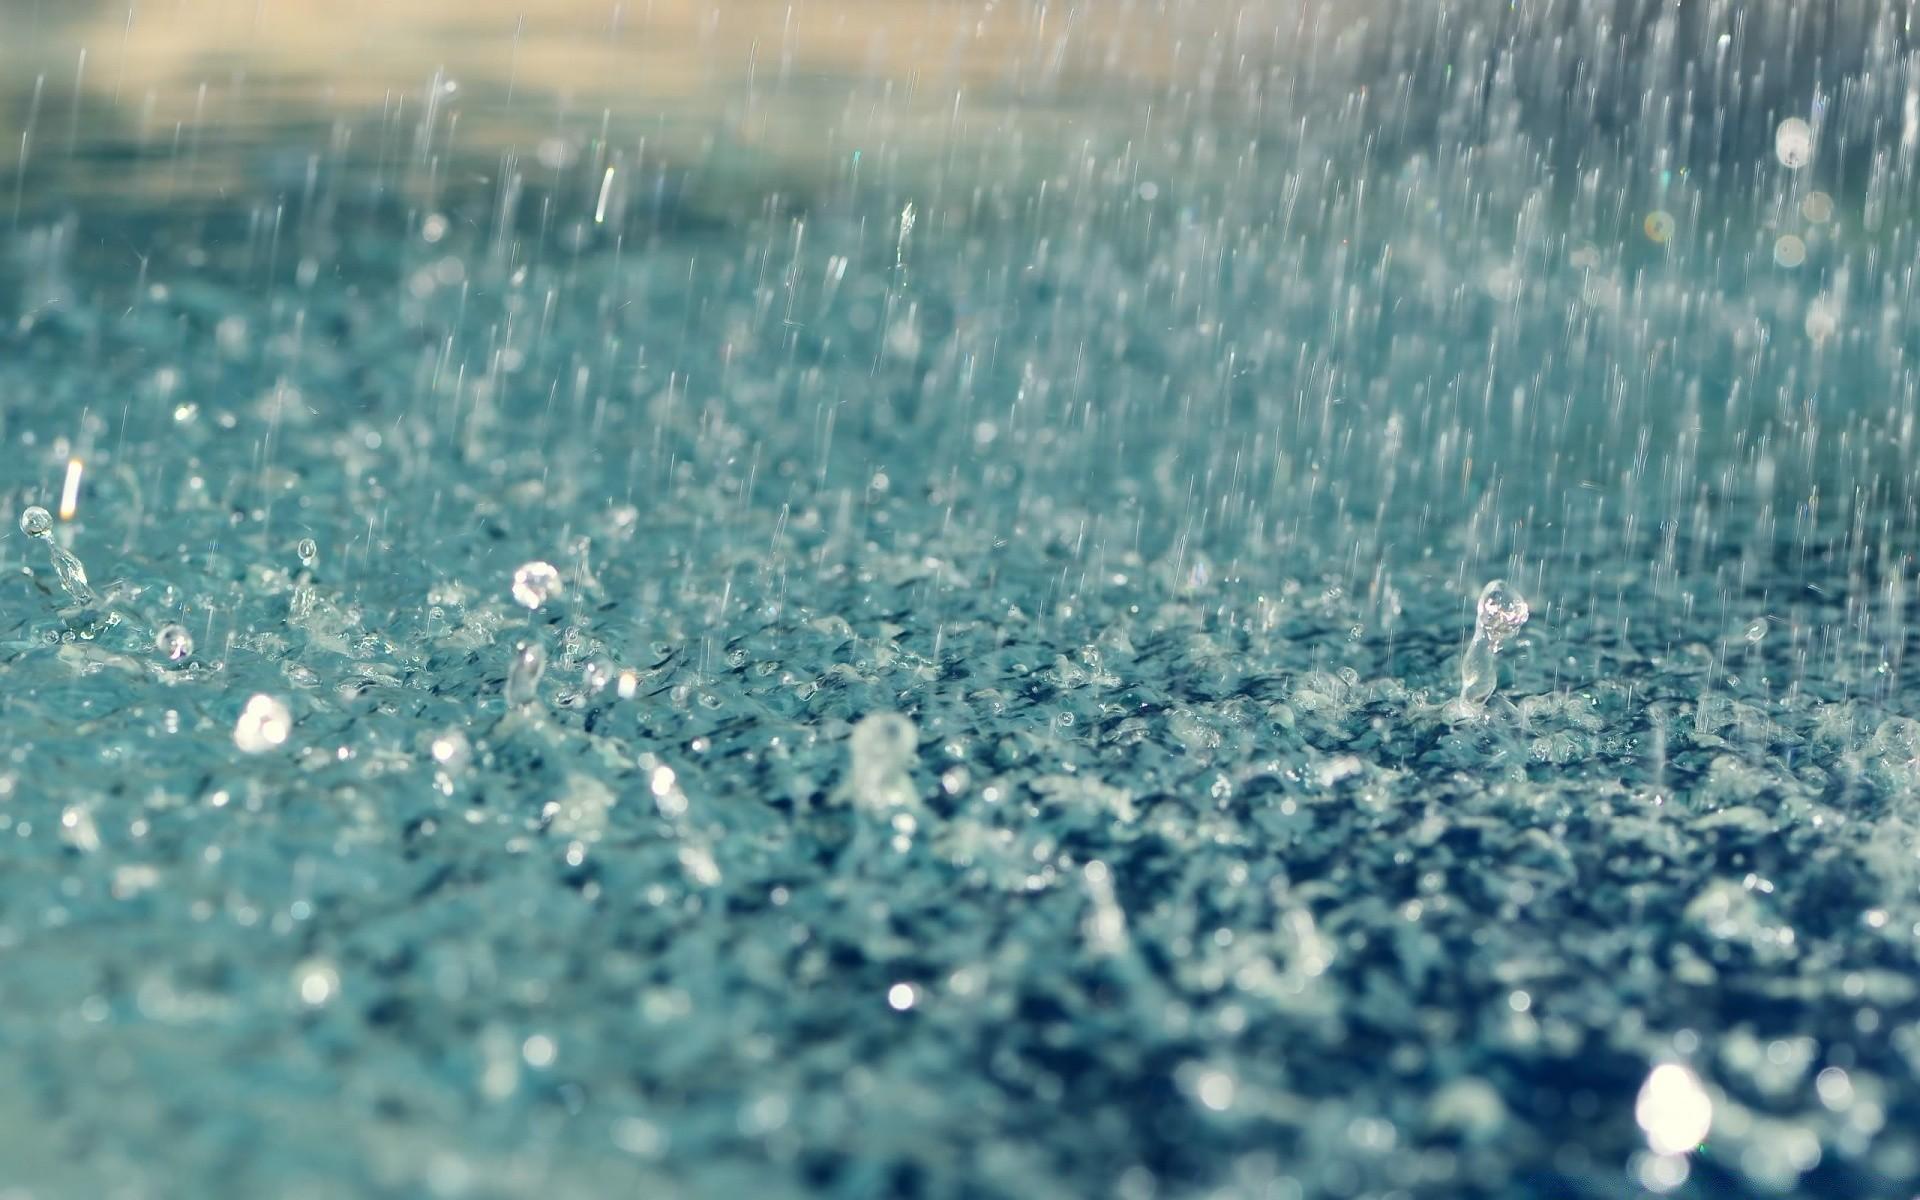 или картинки идет дождь на рабочий стол маховик заводитса пол